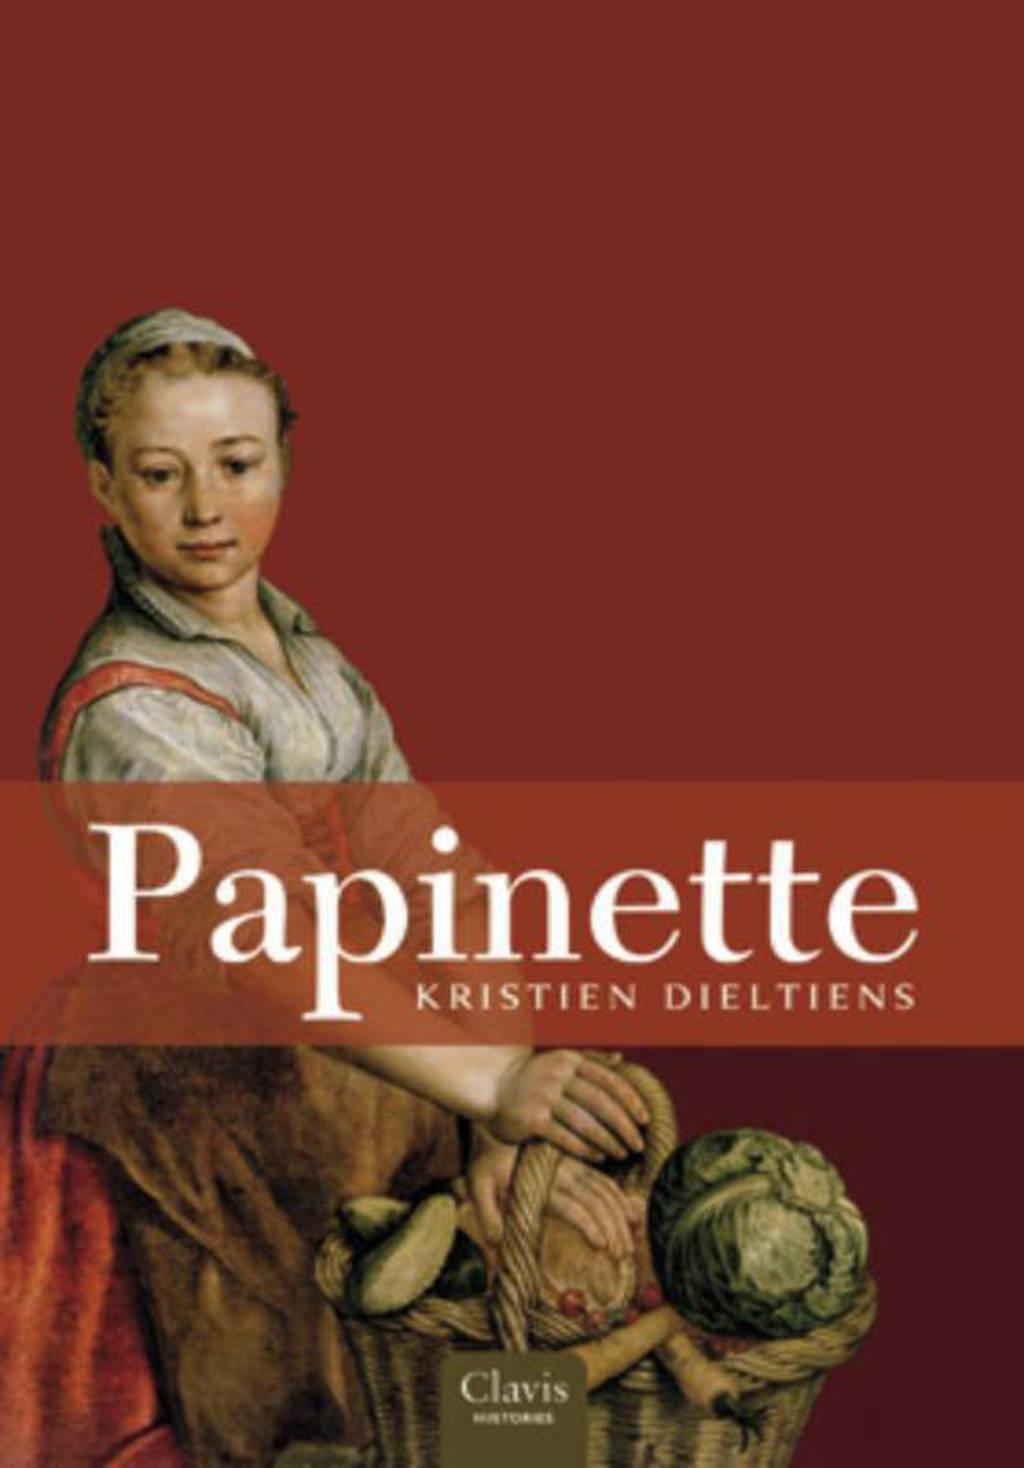 Papinette - Kristien Dieltiens